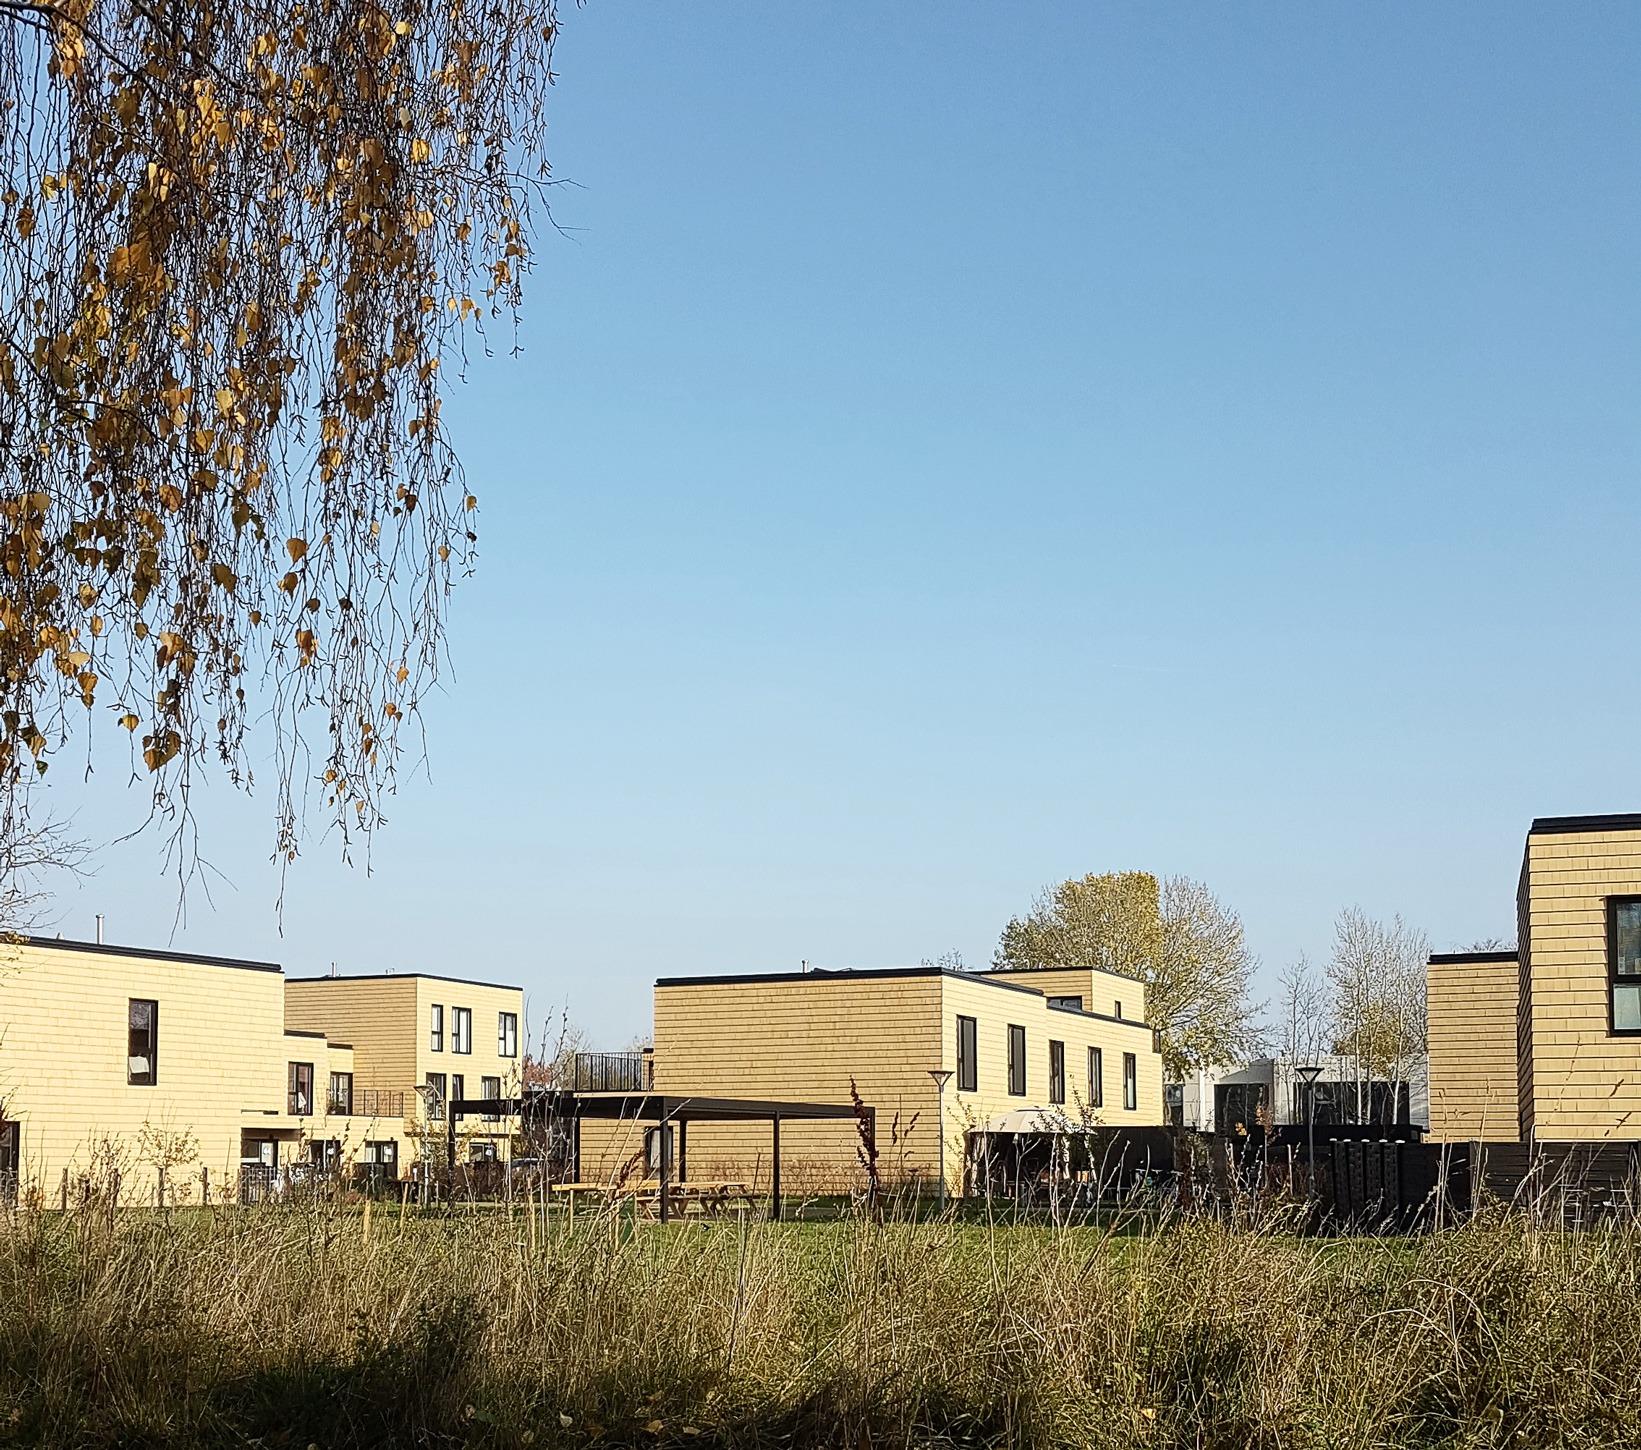 architect prefabricated housing general housing plus arkitekt ONV arkitekter præfabrikeret bolig almen bolig plus koncept præfab bolig Teglmosen Albertslund Albertshave